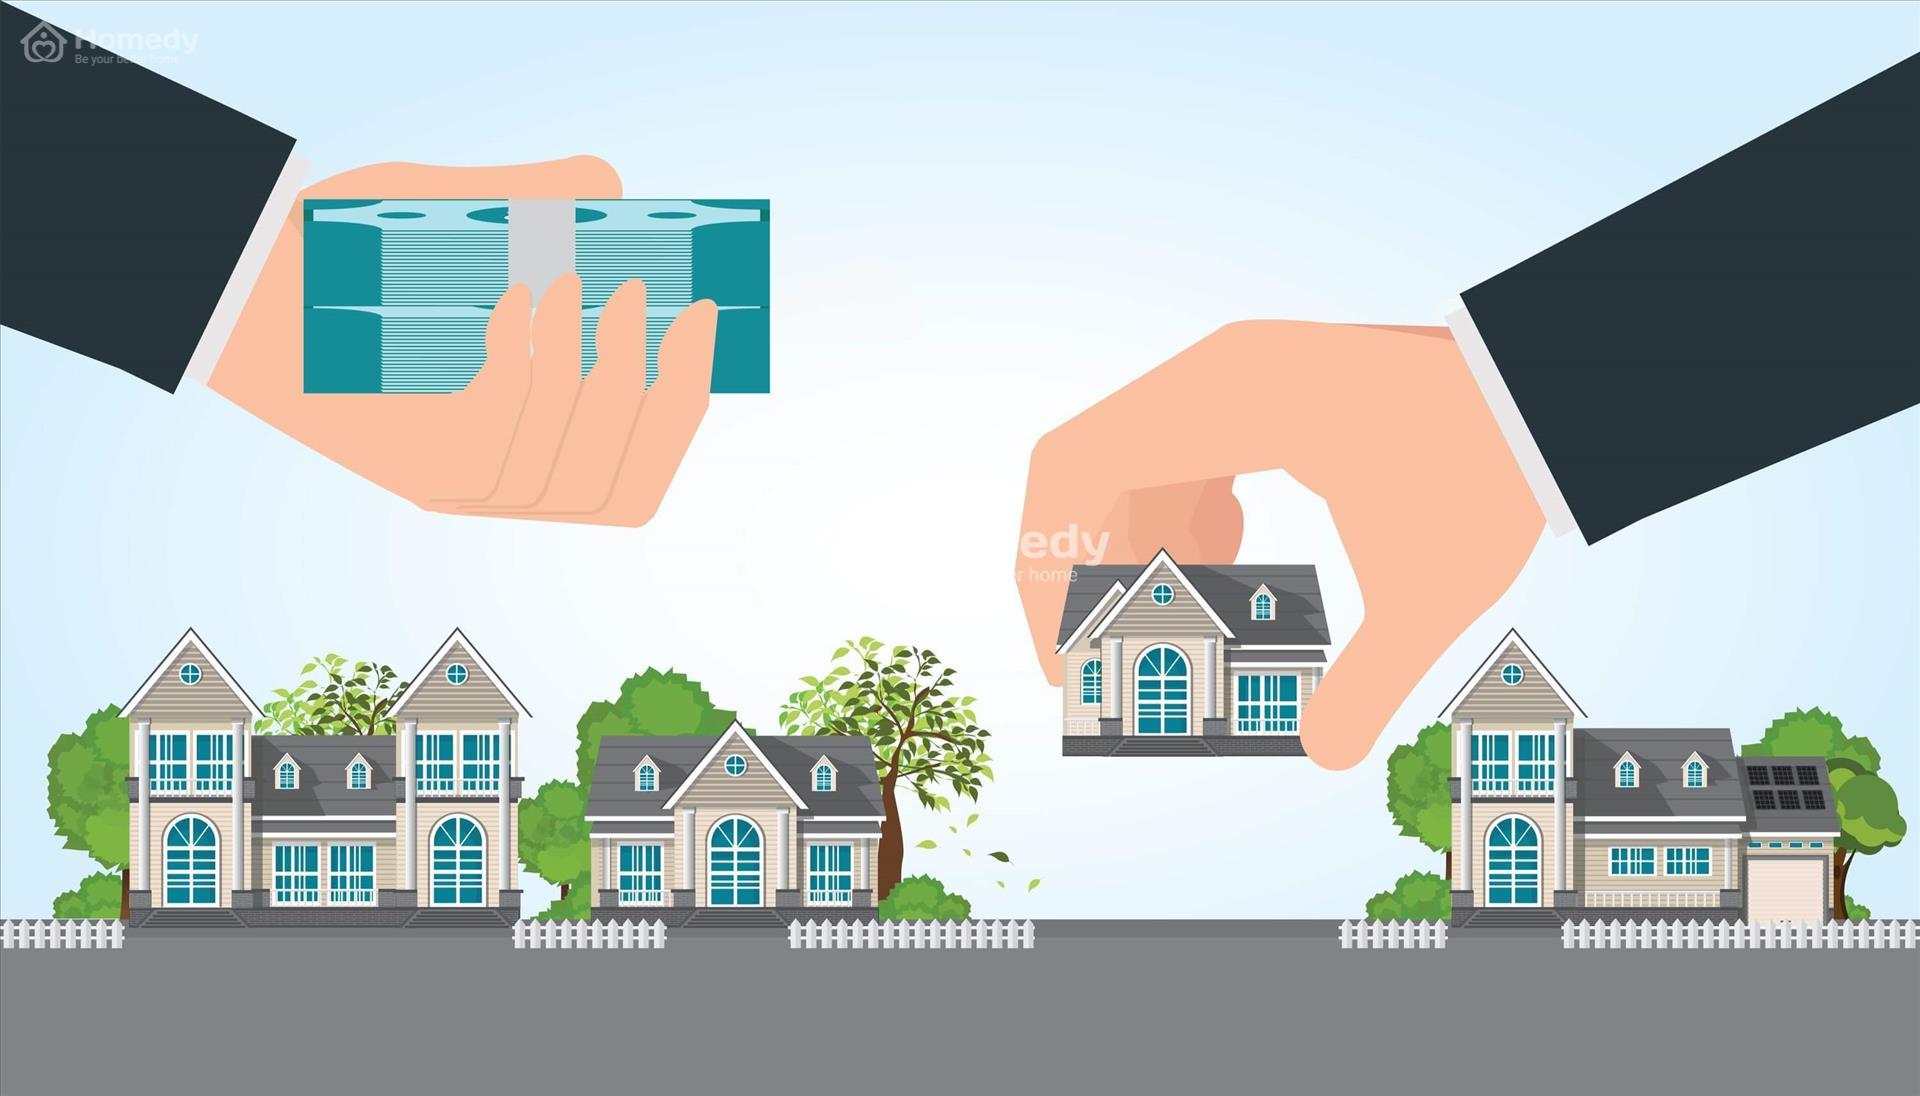 Phí môi giới nhà đất 2021 là bao nhiêu? 1